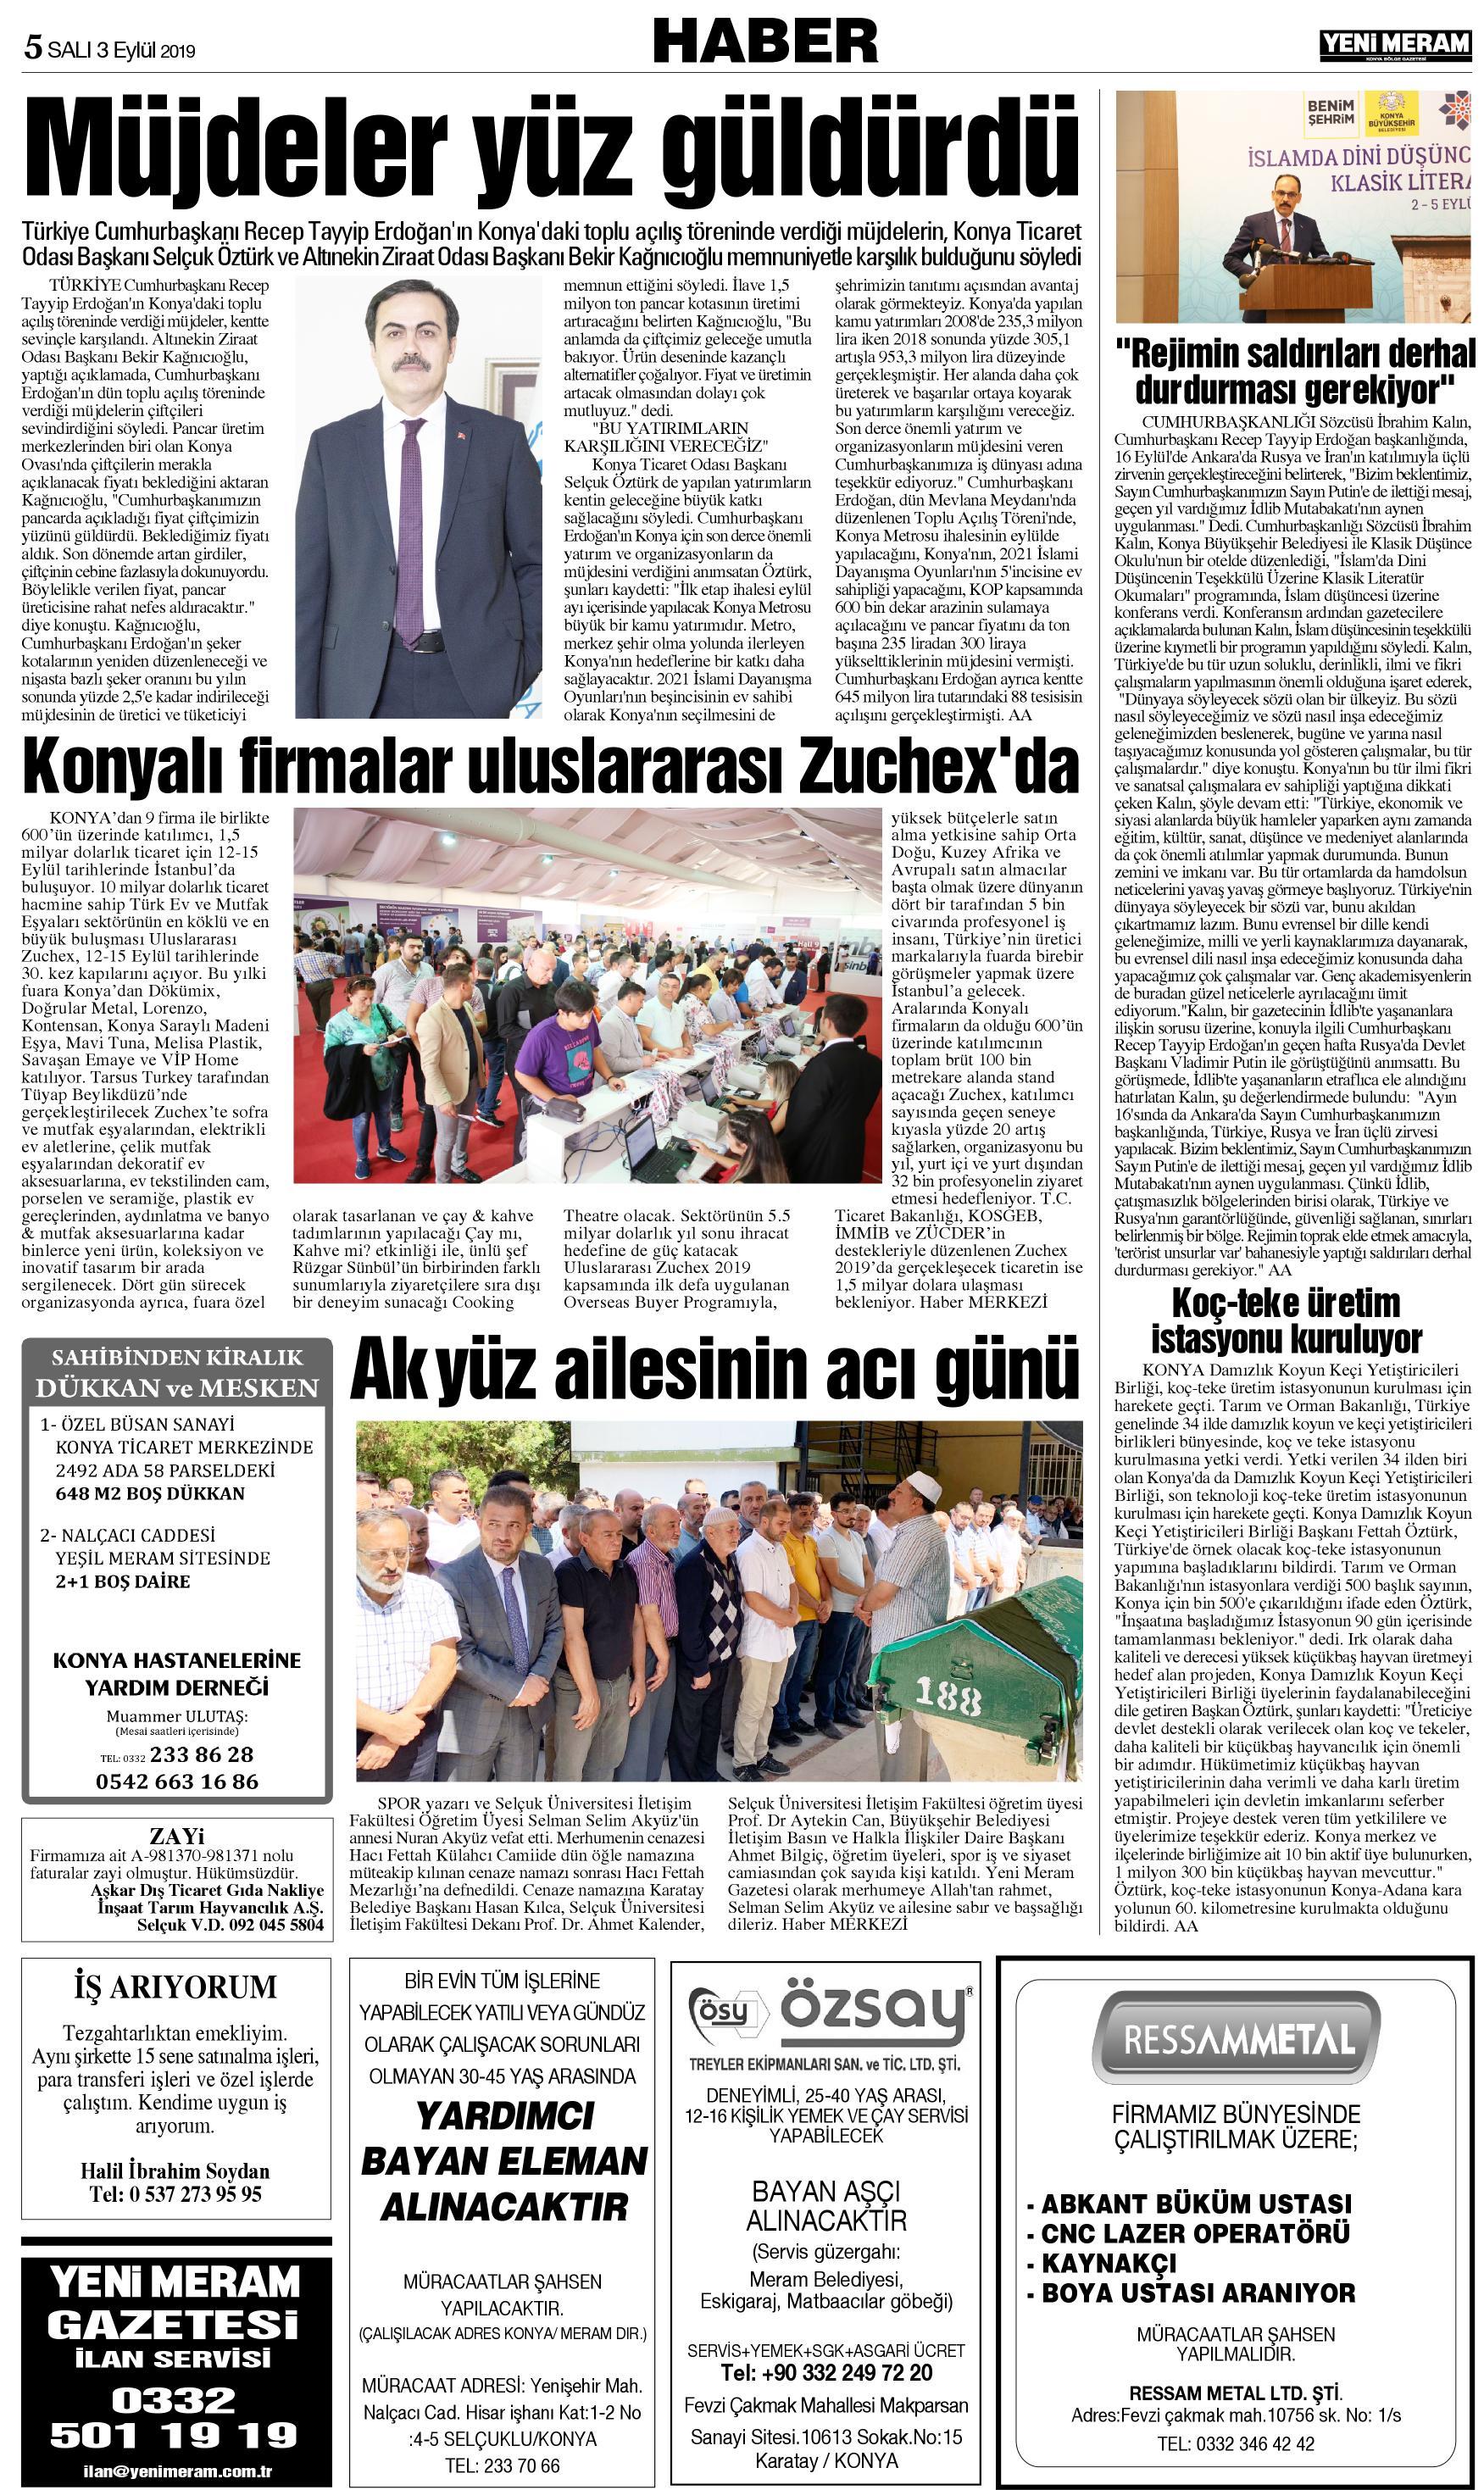 3 Eylul 2019 Yeni Meram Gazetesi Sayfa 4 11 Yeni Meram